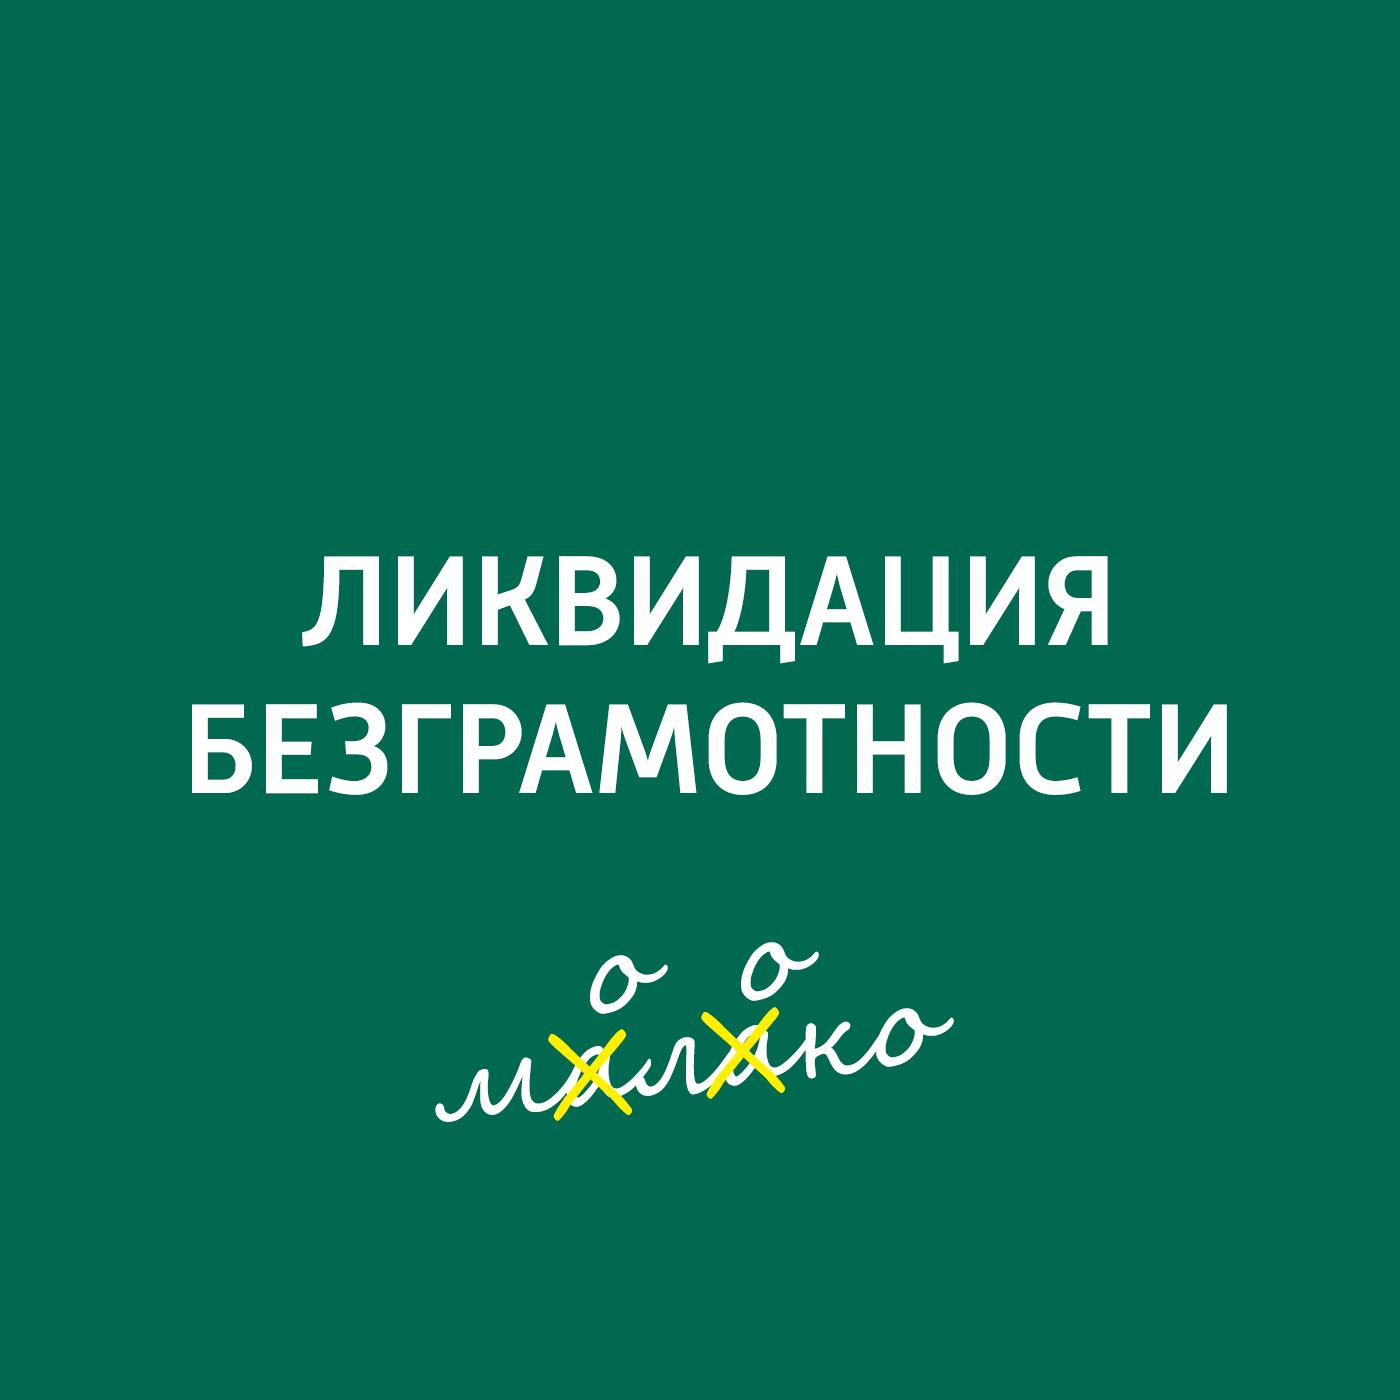 купить матрас консул в москве по акции